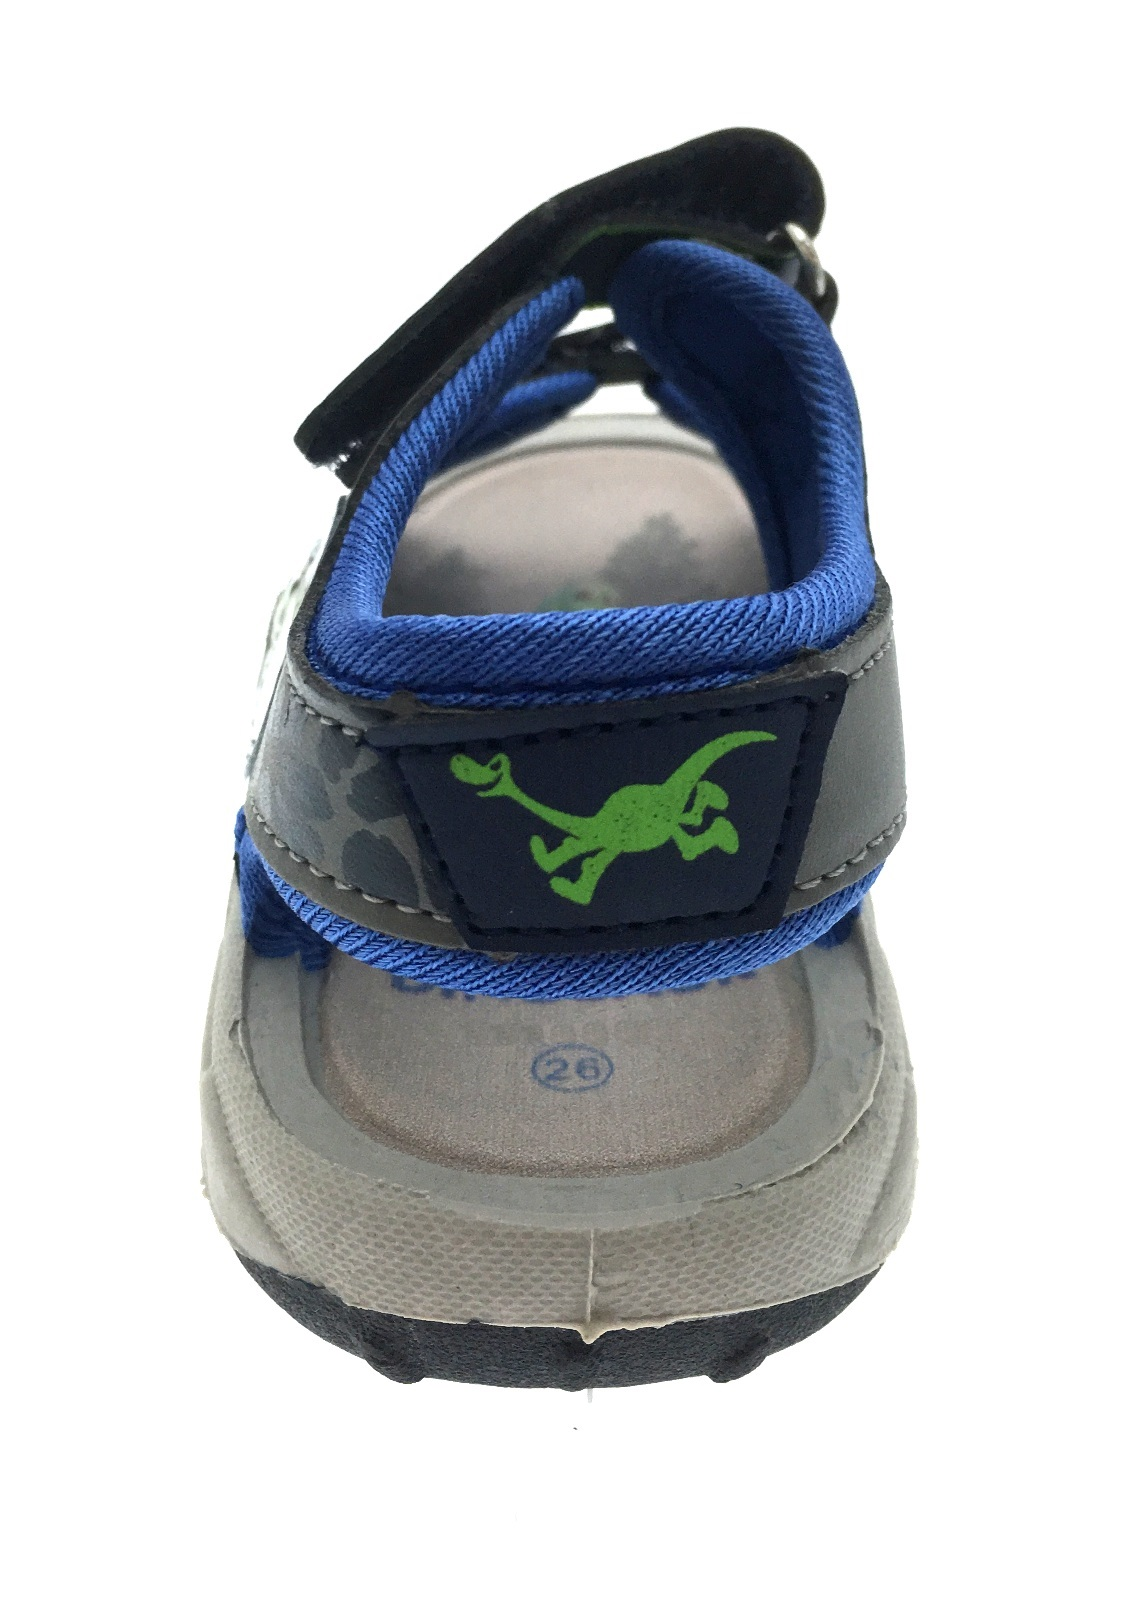 Chicos Velcro Sandalias la buena Dinosaurio que Plana Con totalmente ajustable correas